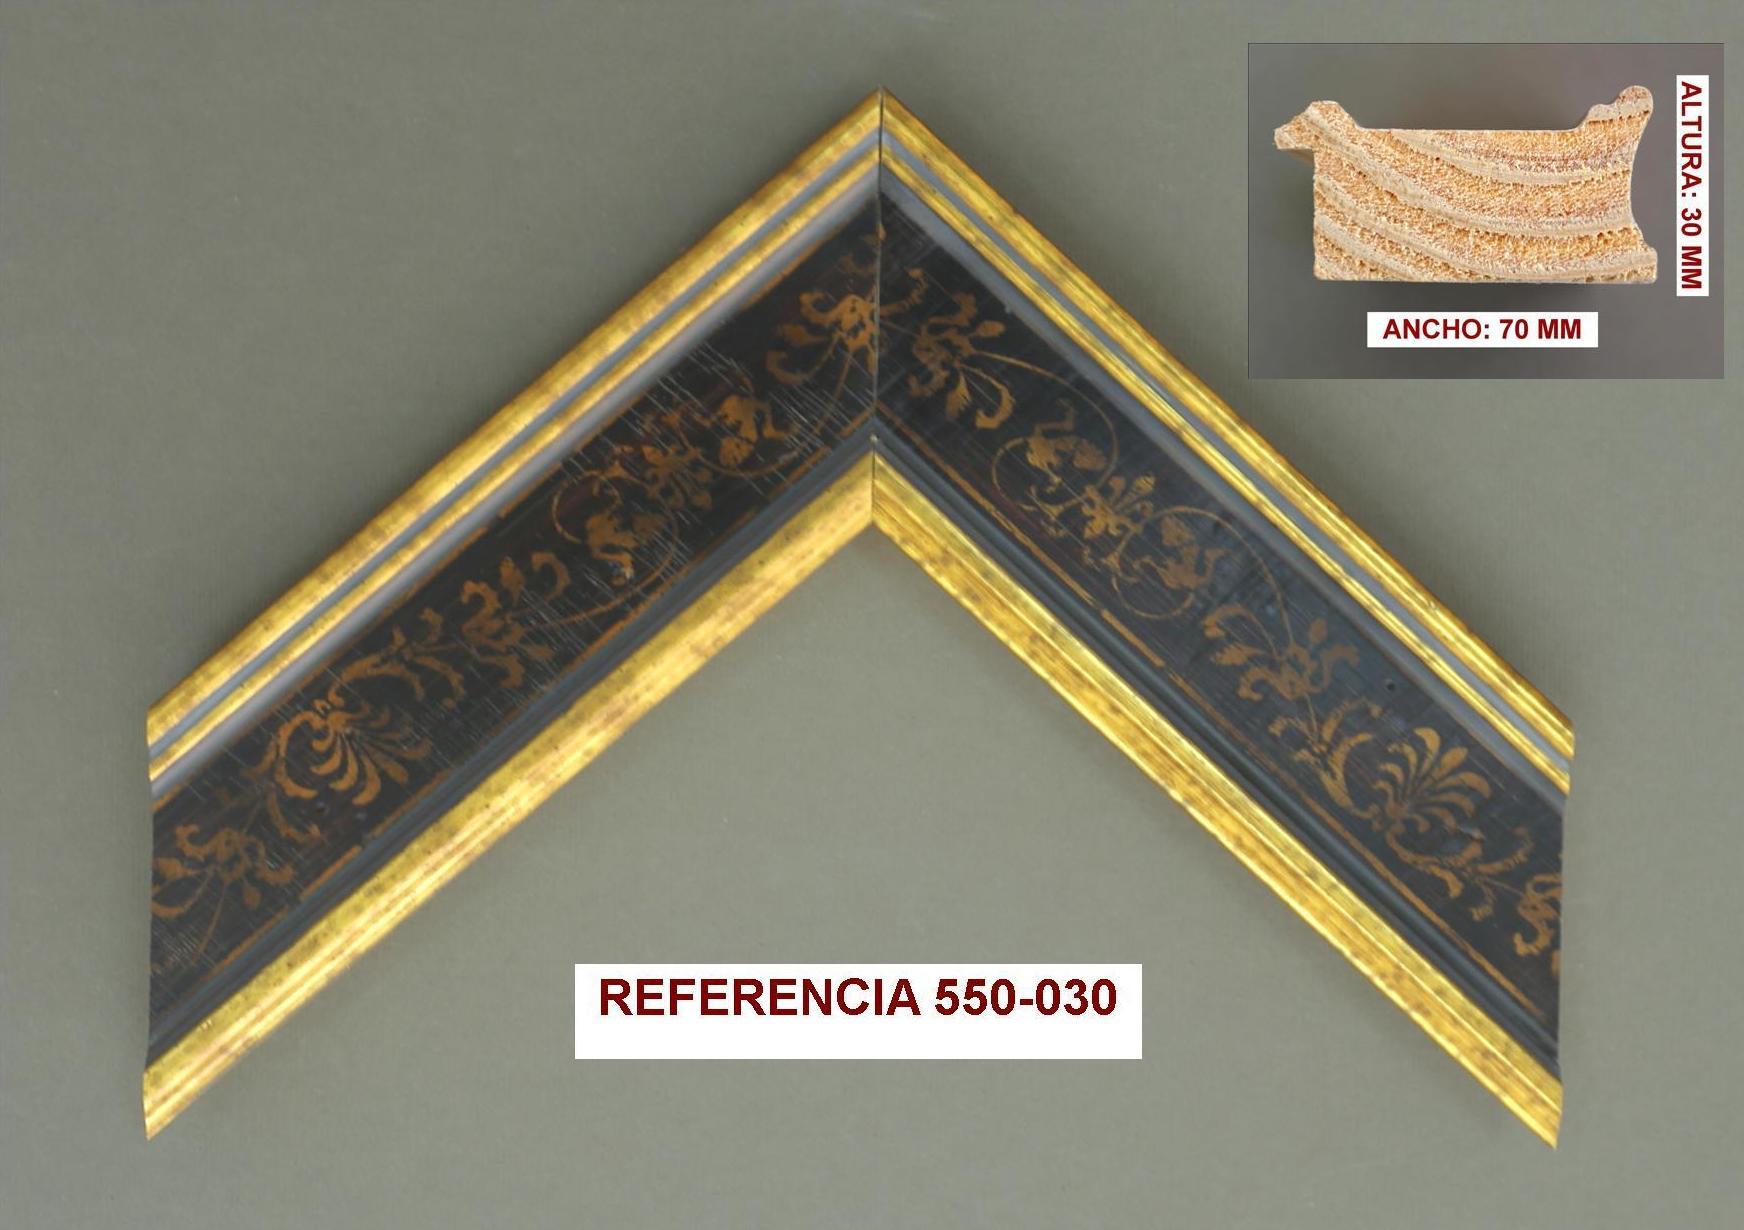 REF 550-030: Muestrario de Moldusevilla